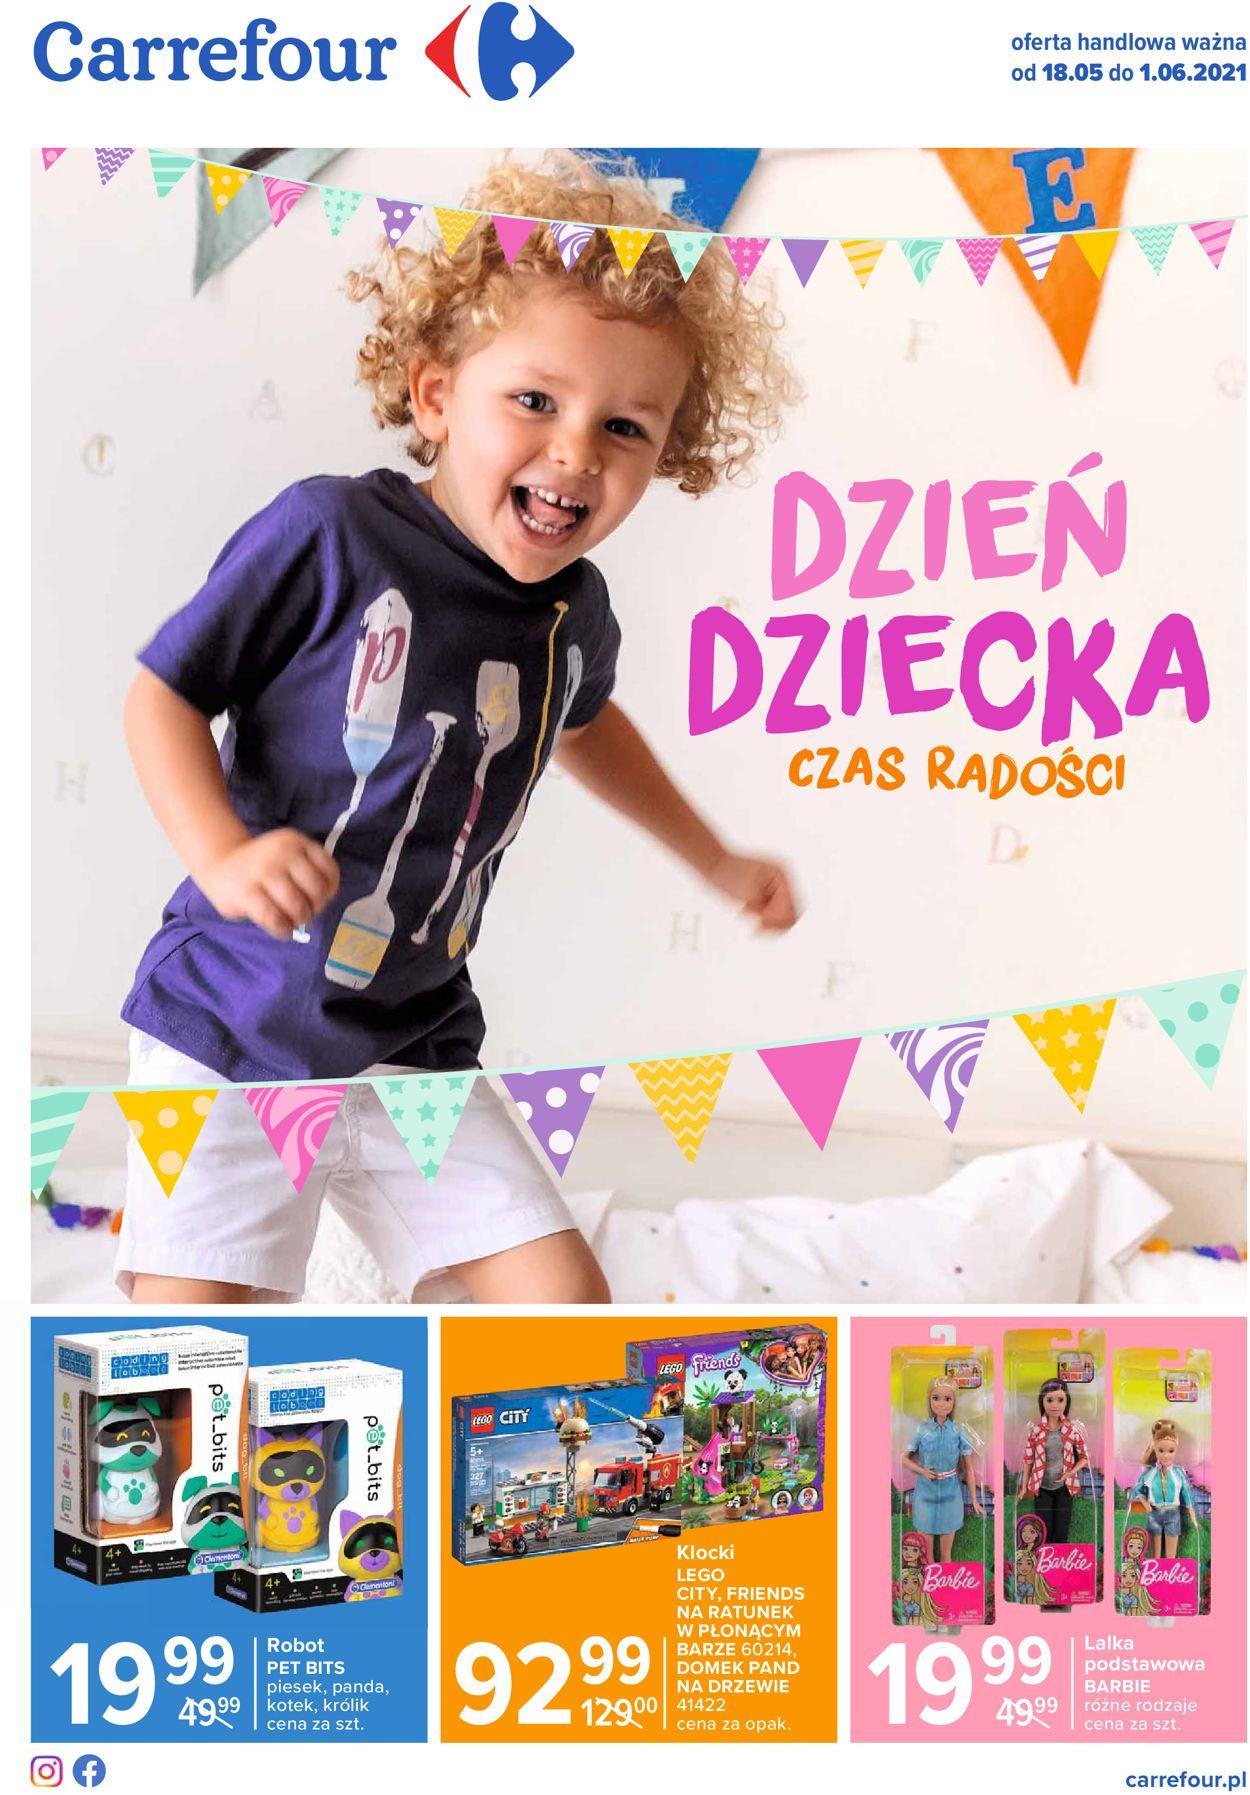 Gazetka promocyjna Carrefour Dzień Dziecka - 18.05-01.06.2021